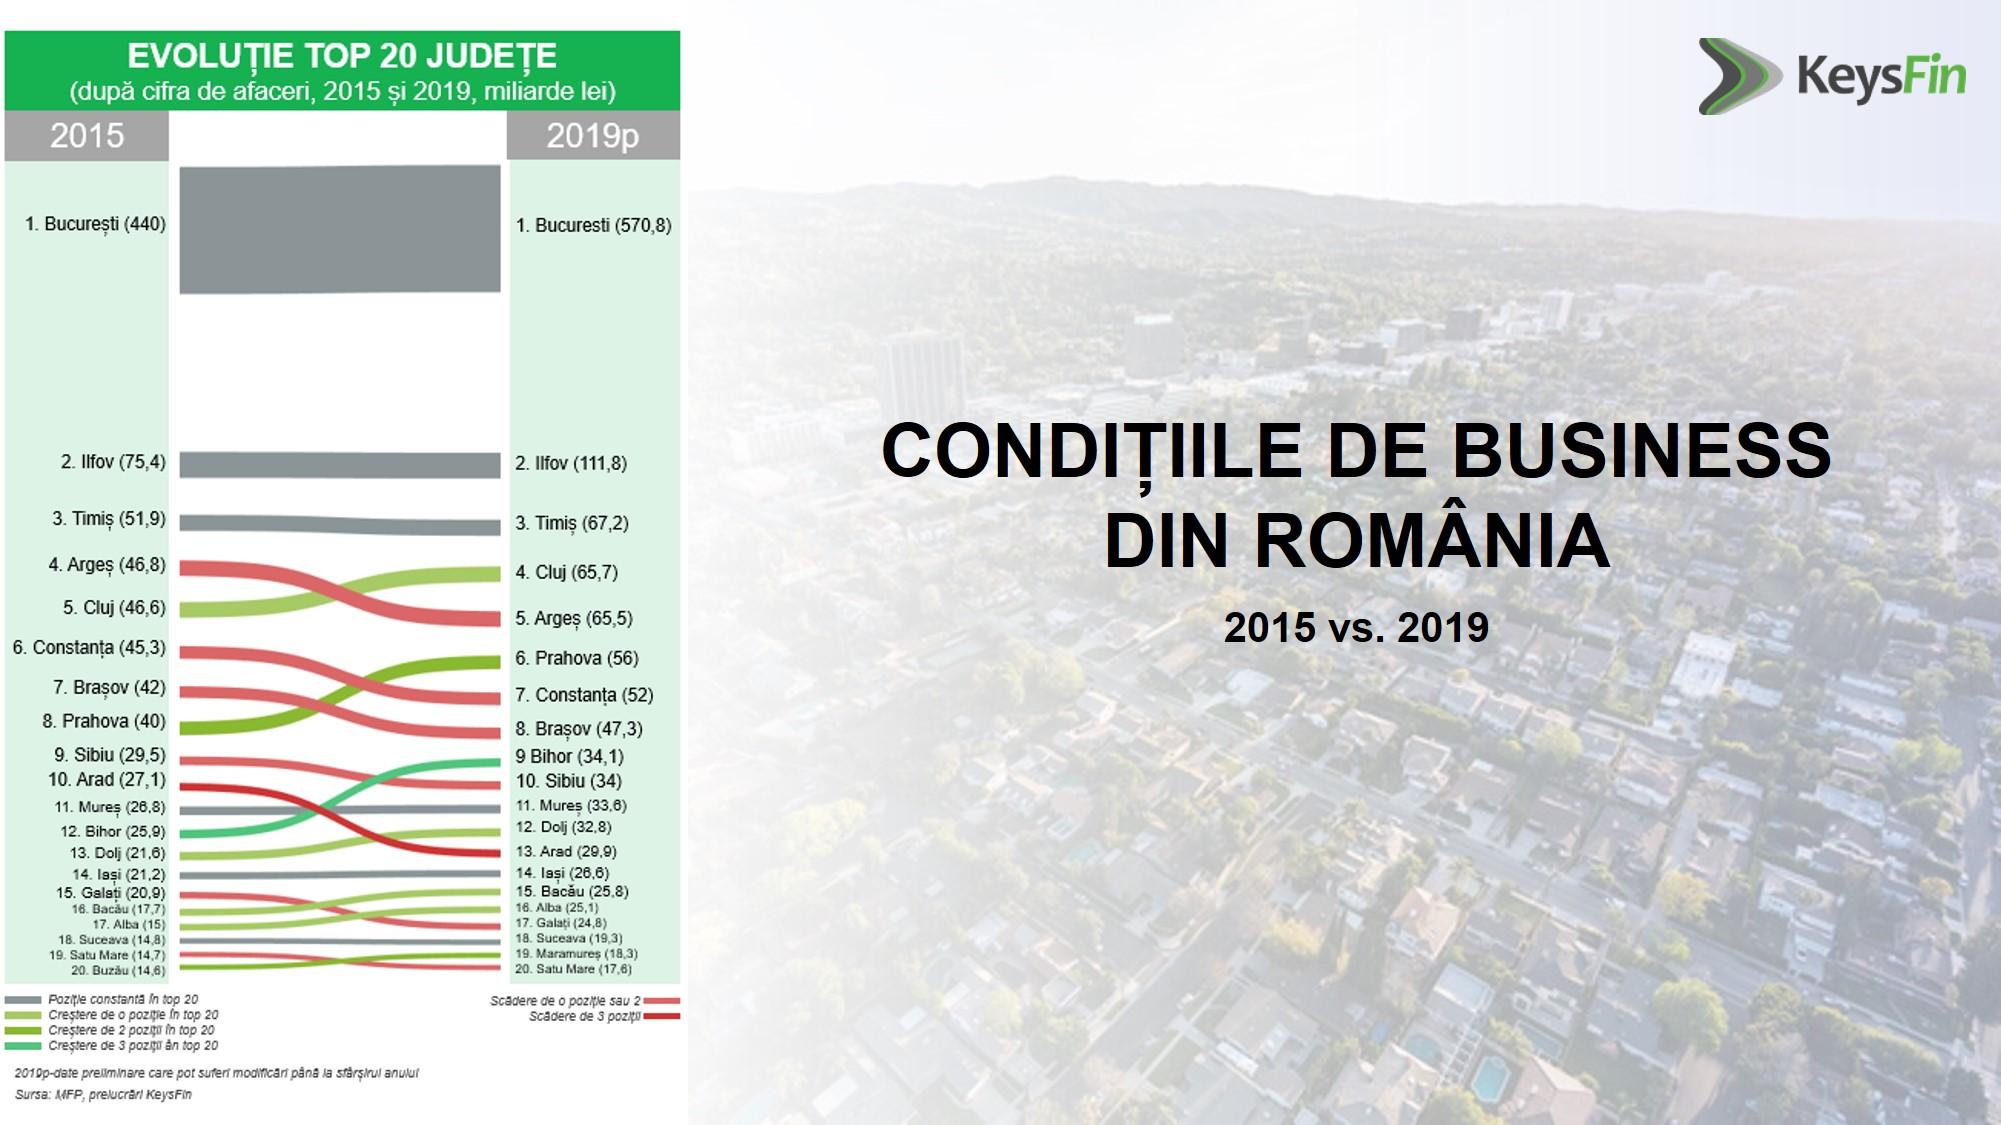 Conditiile de business din Romania